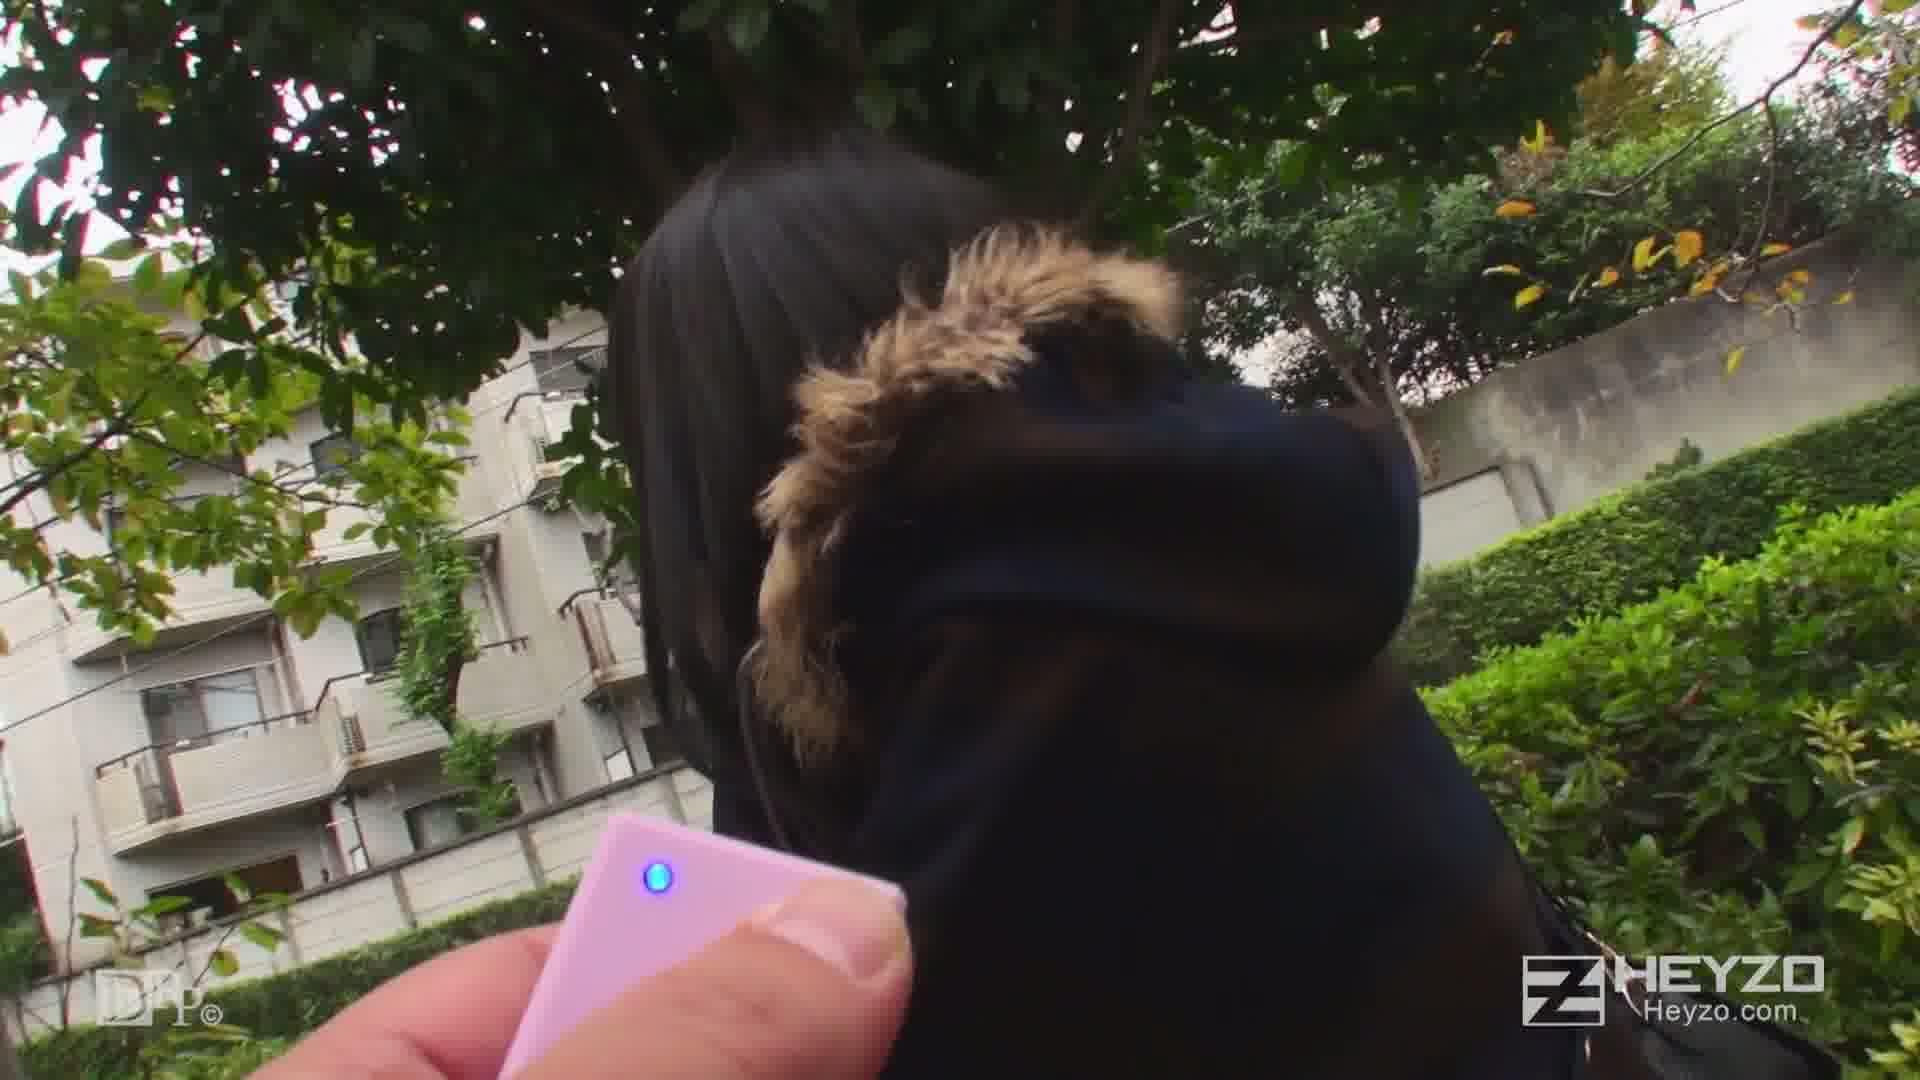 HAMEZO~ハメ撮りコレクション~vol.22 - 伊織沙菜【おもちゃ コスプレ】